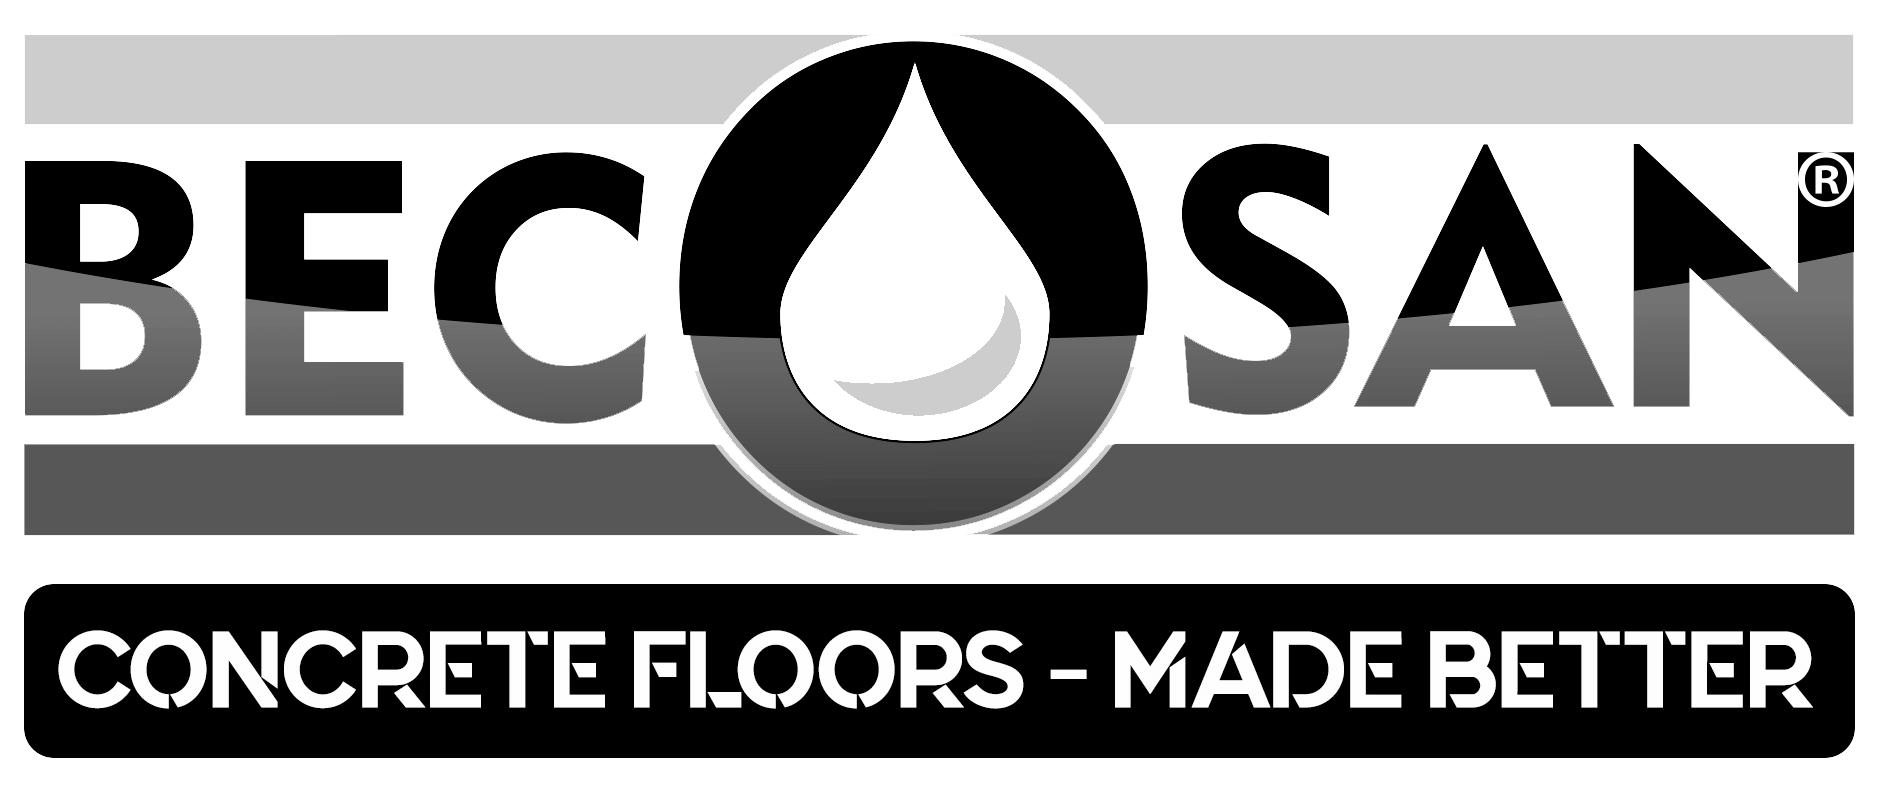 opaque becosan logo concrete floors made better - Rénovez votre ancien sol industriel en béton